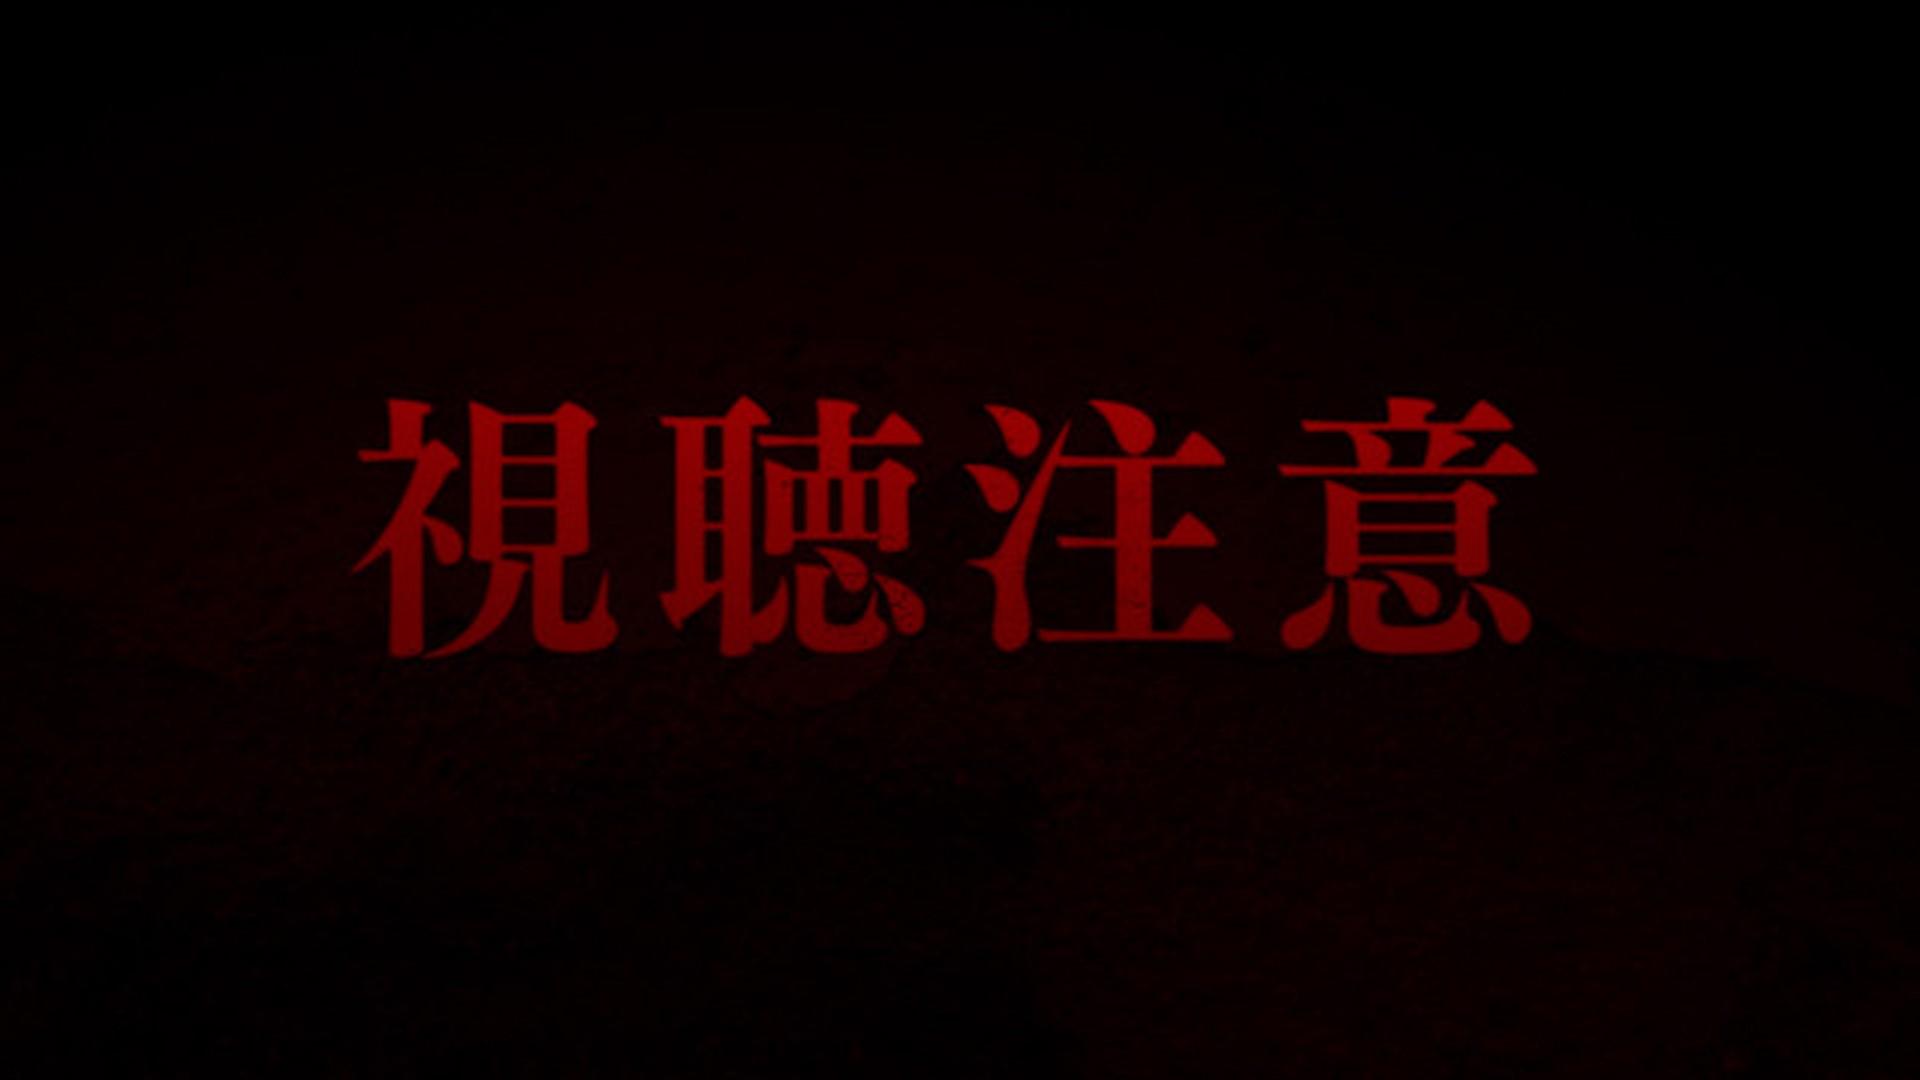 11月30日(月)24:00 O.A.<br>dTVチャンネル「視聴注意」